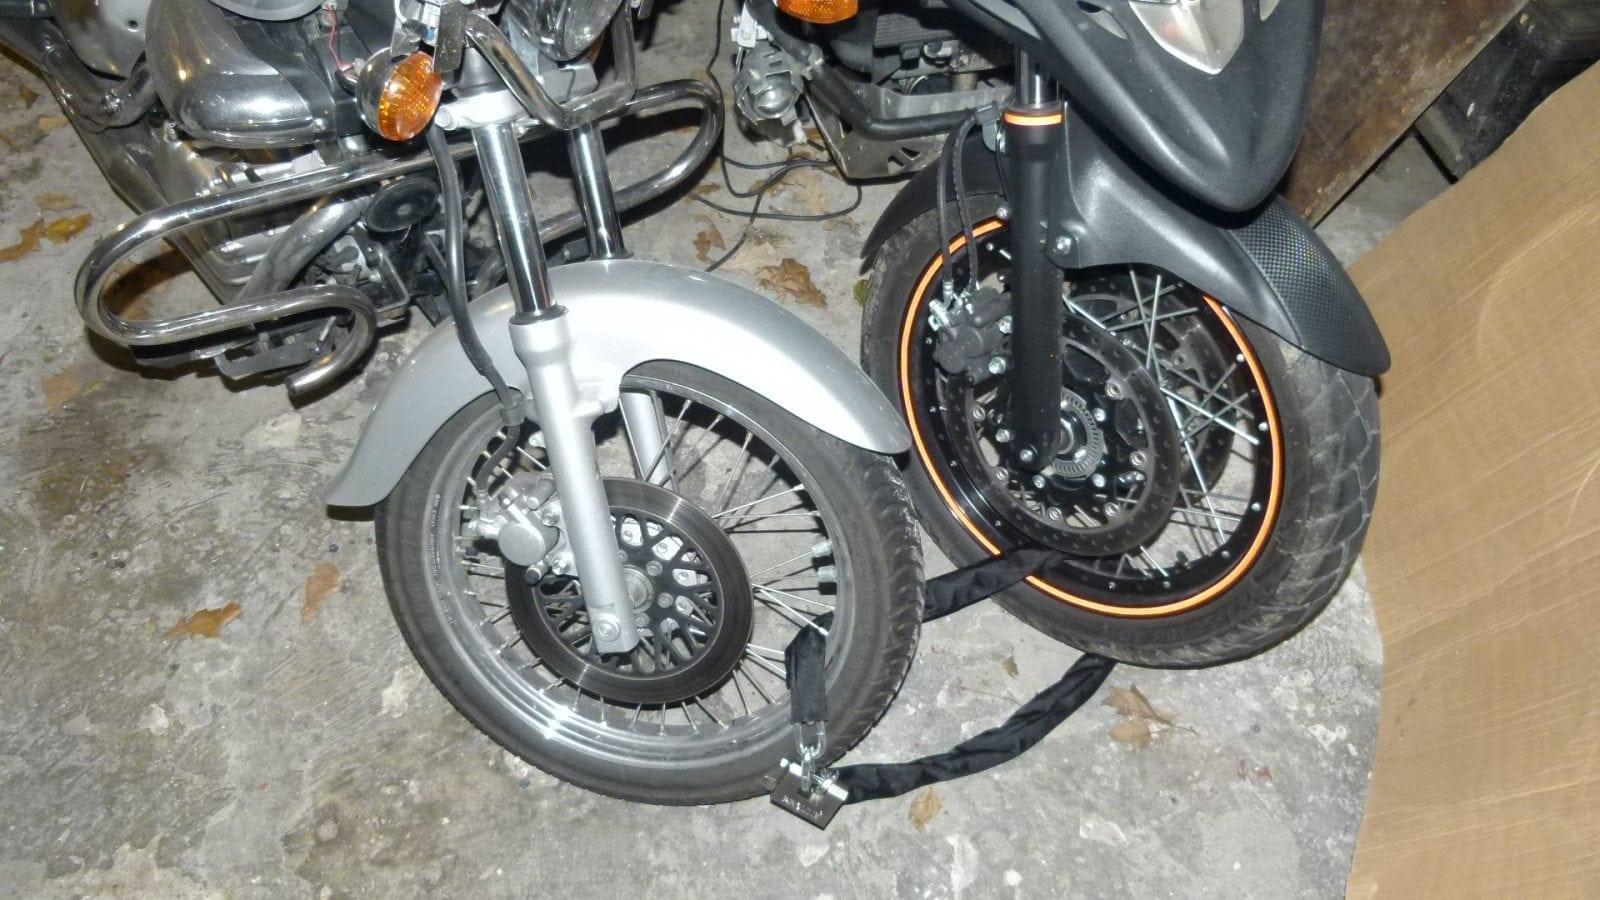 ŁAŃCUCH ZABEZPIECZENIE DO MOTOCYKLA 10 mm